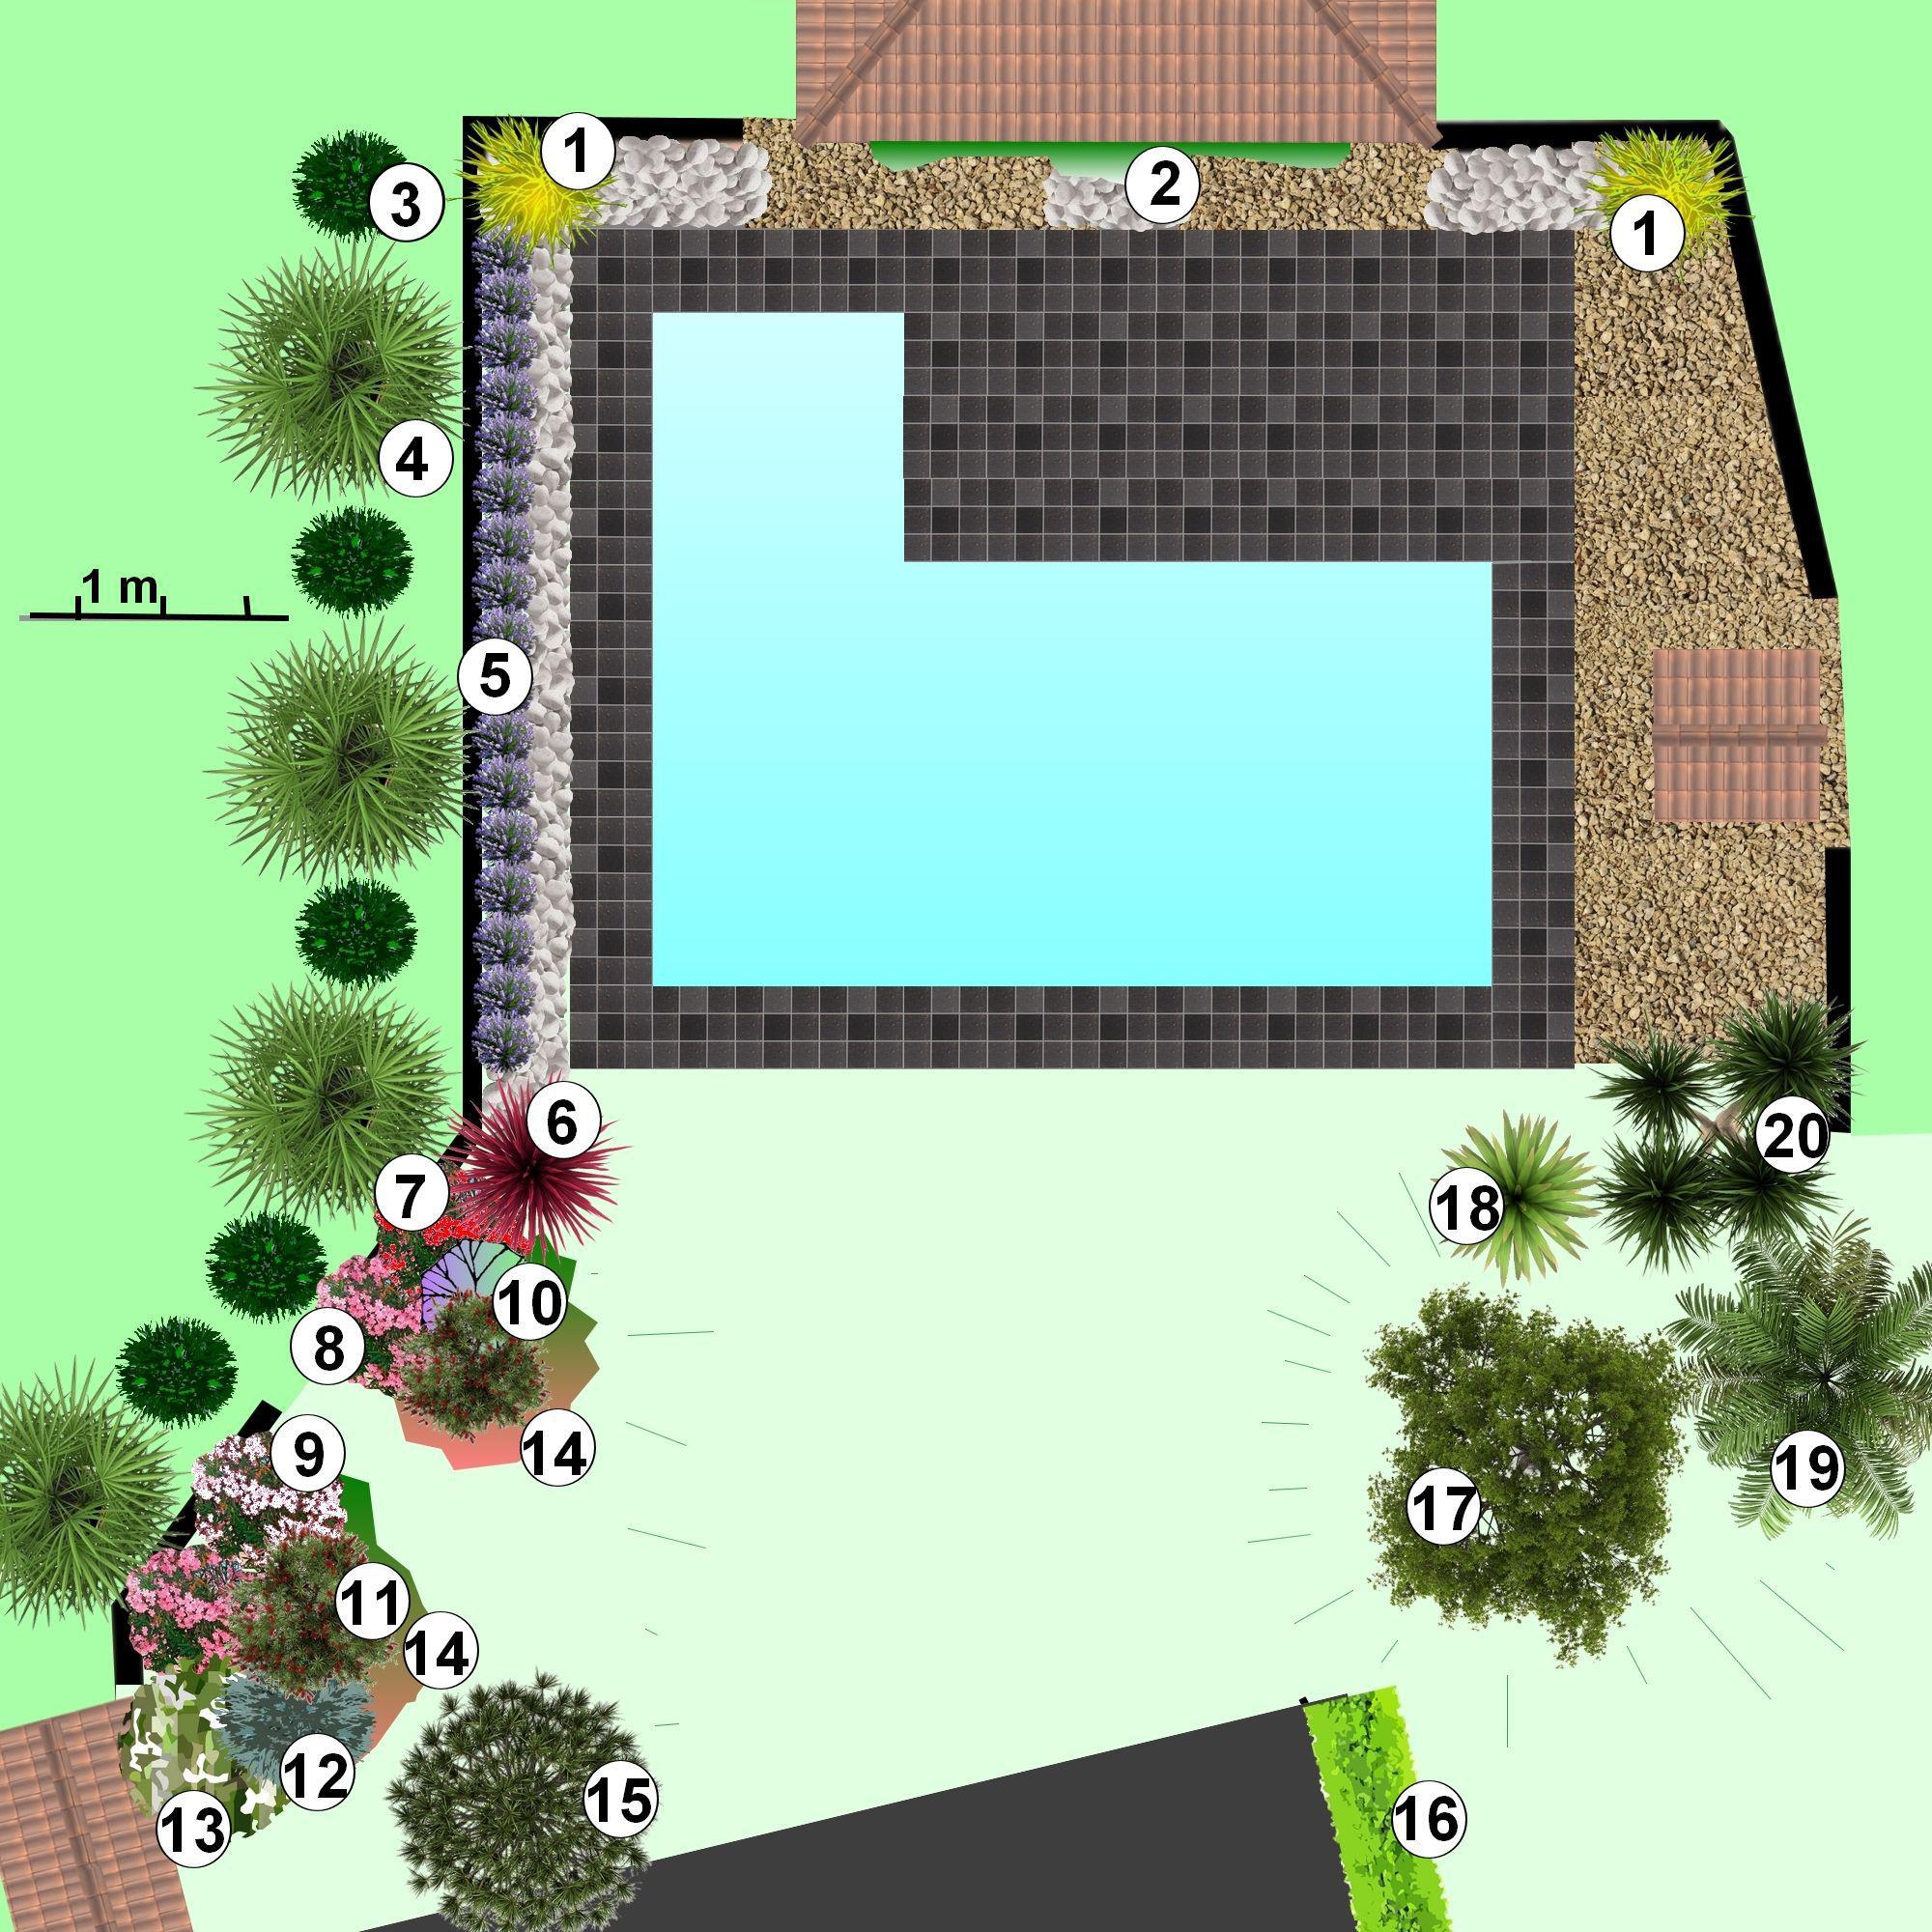 Faire un jardin autour d une piscine planter les abords d for Autour d une piscine